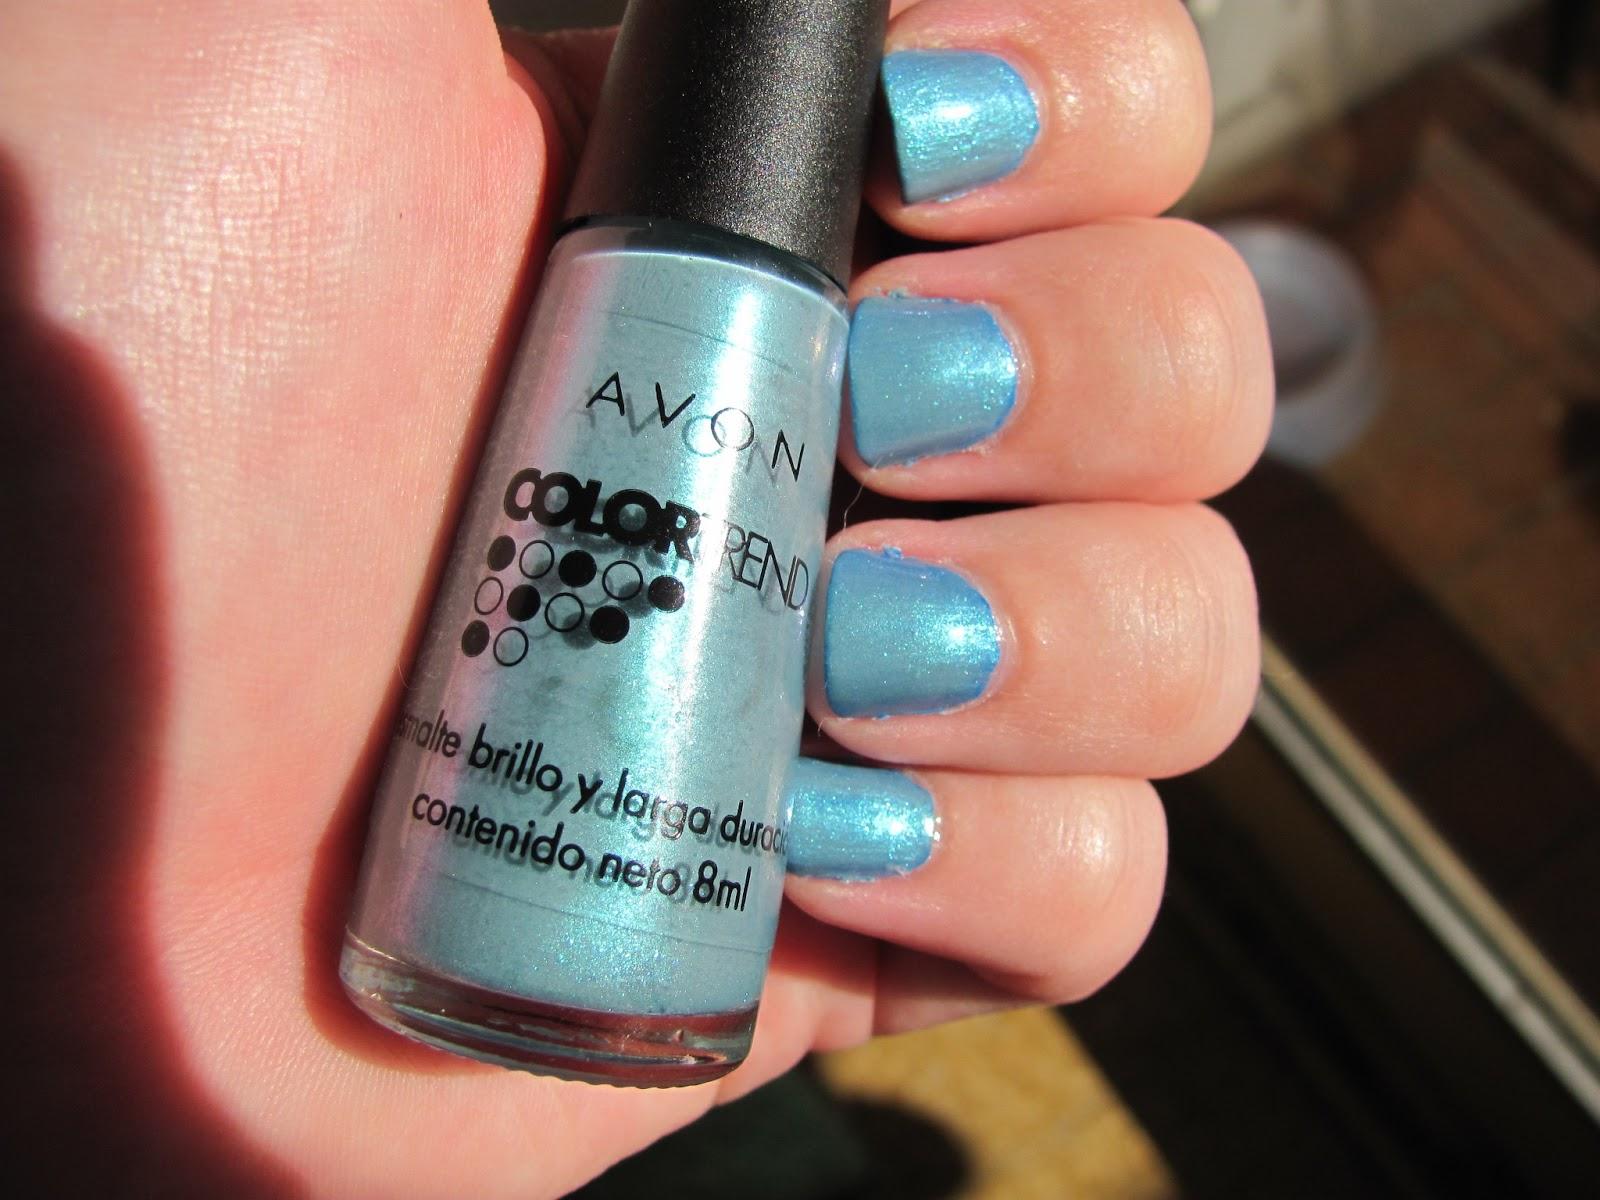 Esmaltes: Avon Color Trend - Azul Alegría   Púrpura Profundo